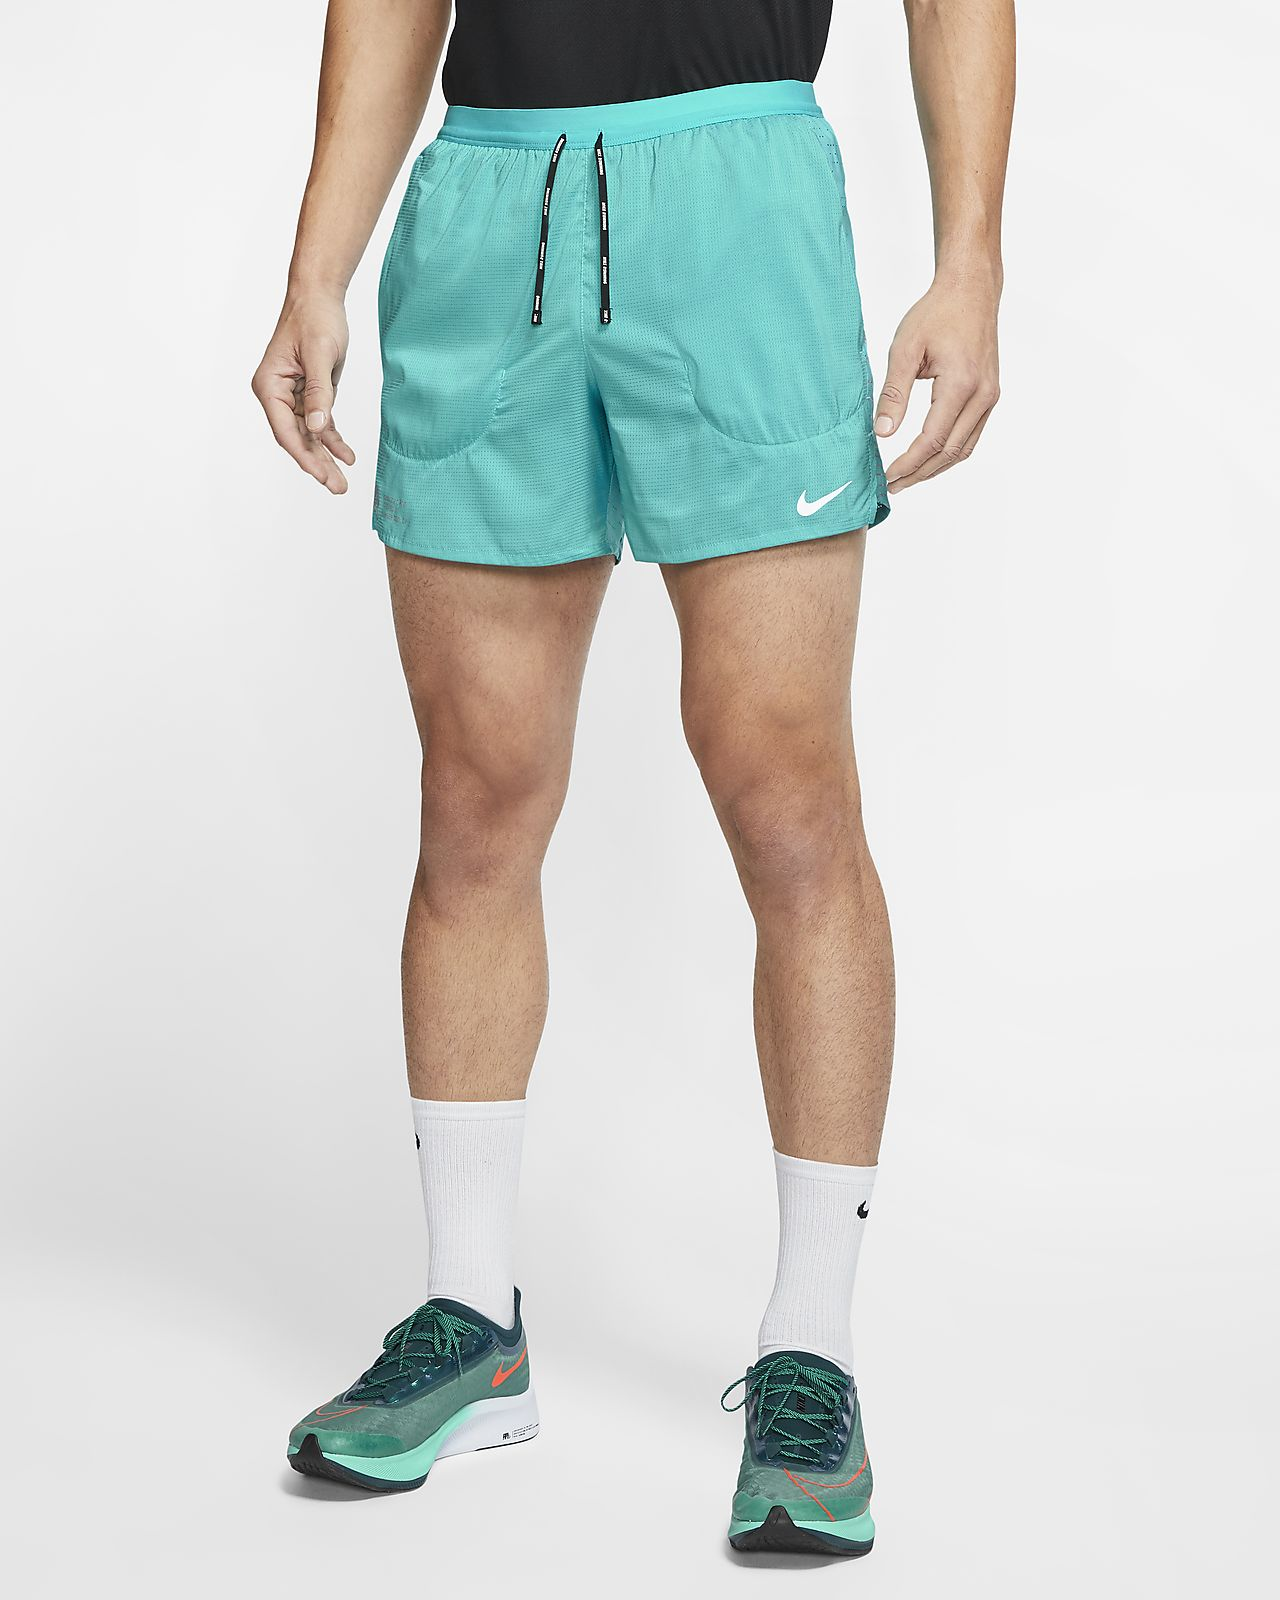 Short de running avec sous-short intégré Nike Flex Stride Future Fast 13 cm pour Homme